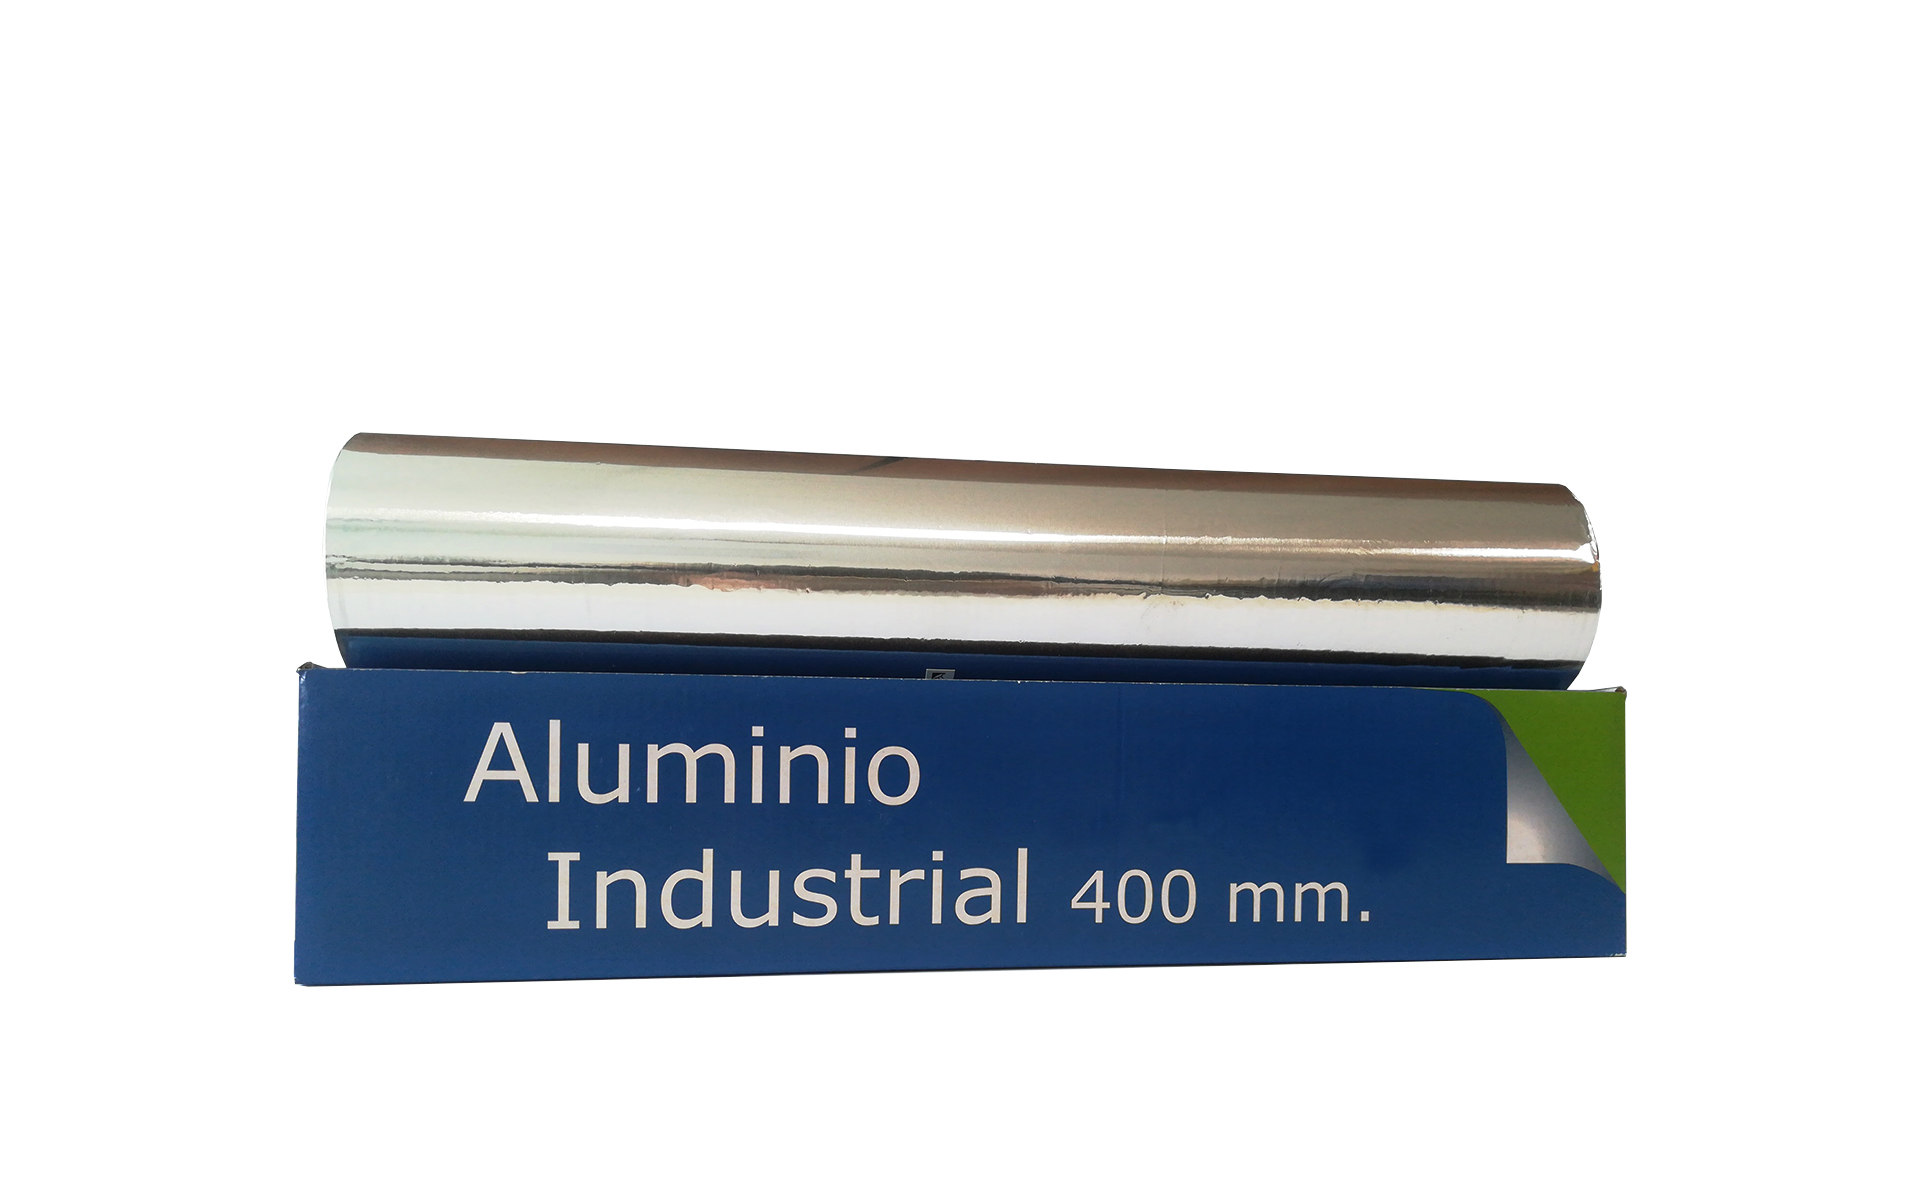 Aluminio industrial 400 mm.